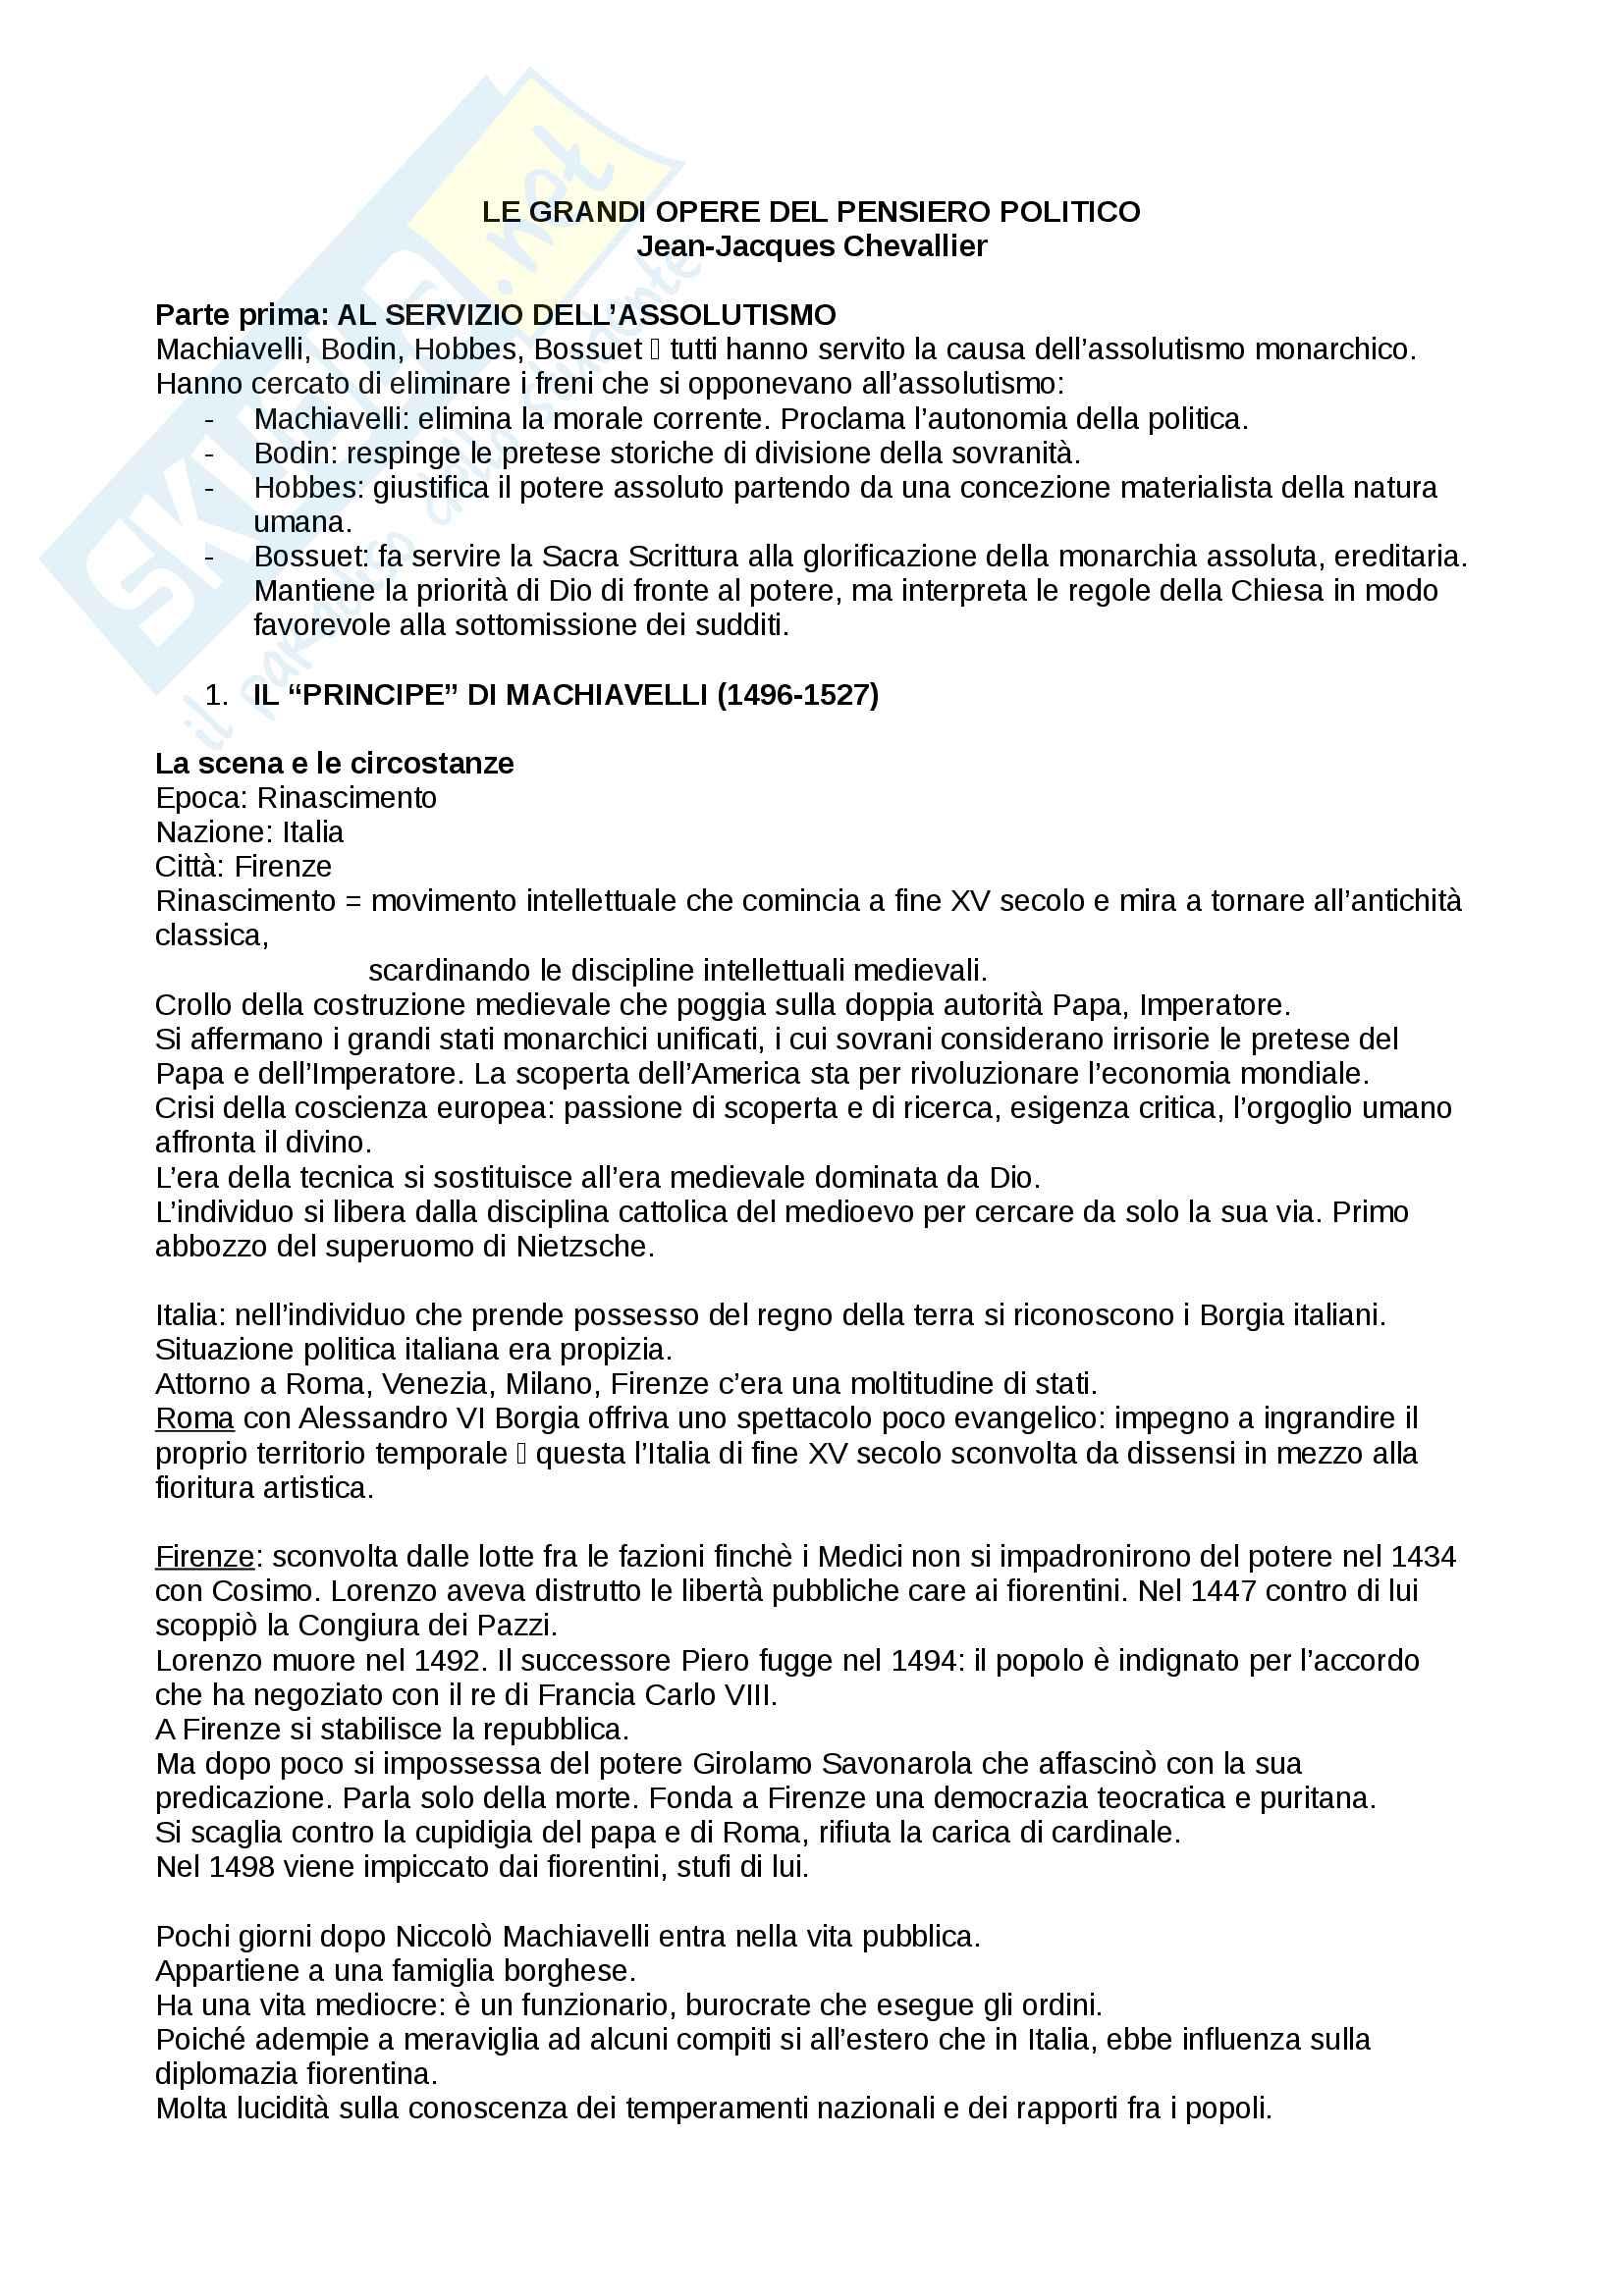 Riassunto esame storia delle dottrine politiche, prof. Del Corno, libro consigliato: Le grandi opere del pensiero politico, Jean-Jacques Chevallier